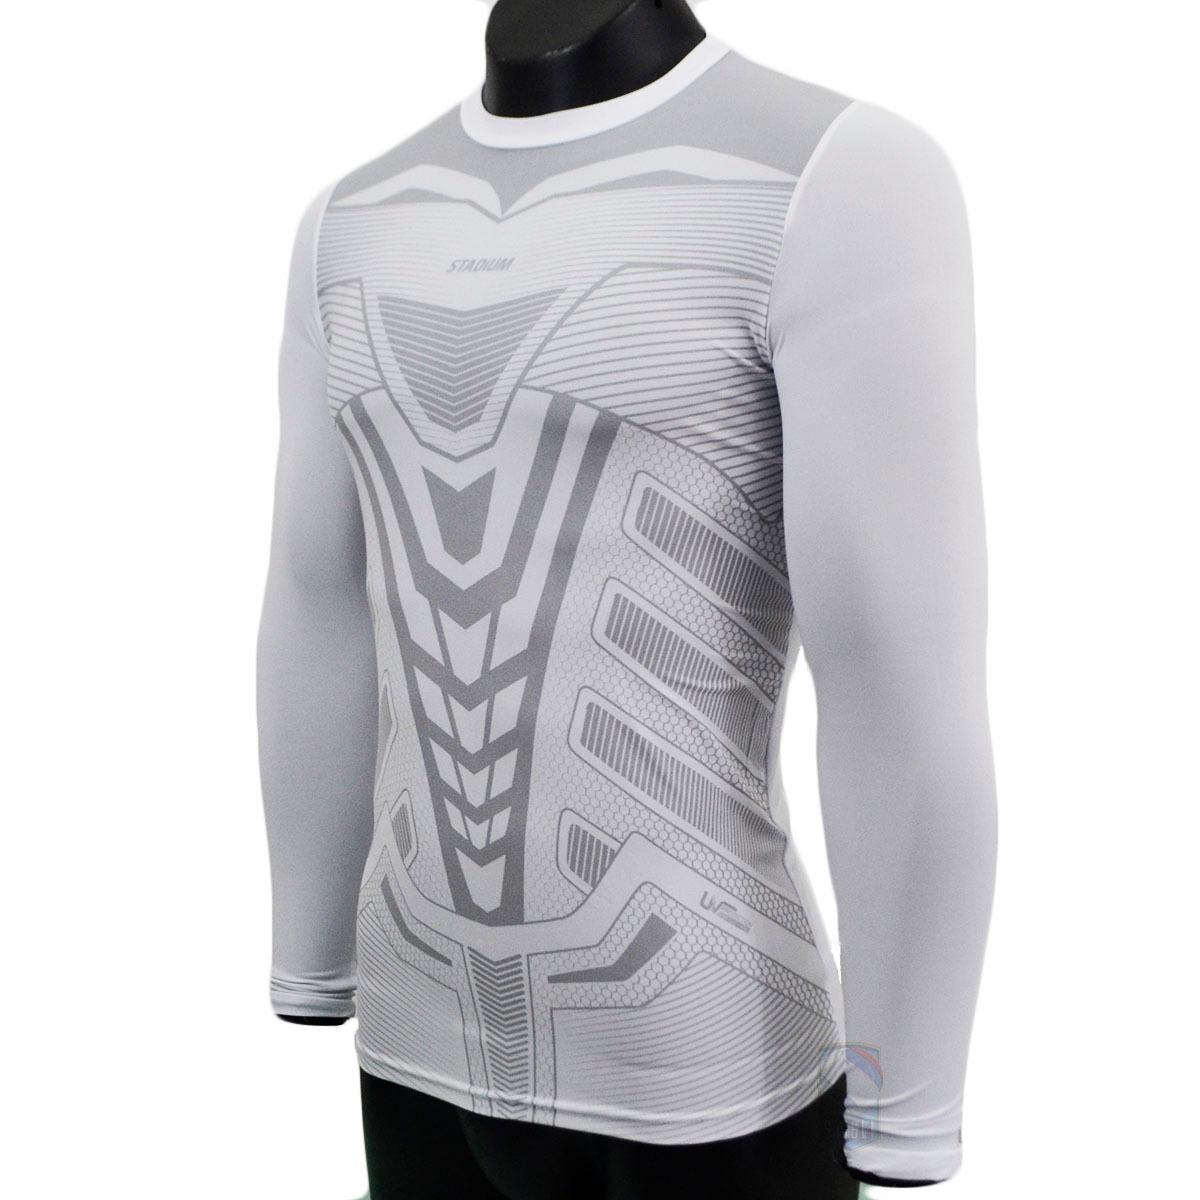 c633492443 camisa térmica de compressão stadium prot uv 50 antibactéria. Carregando  zoom.